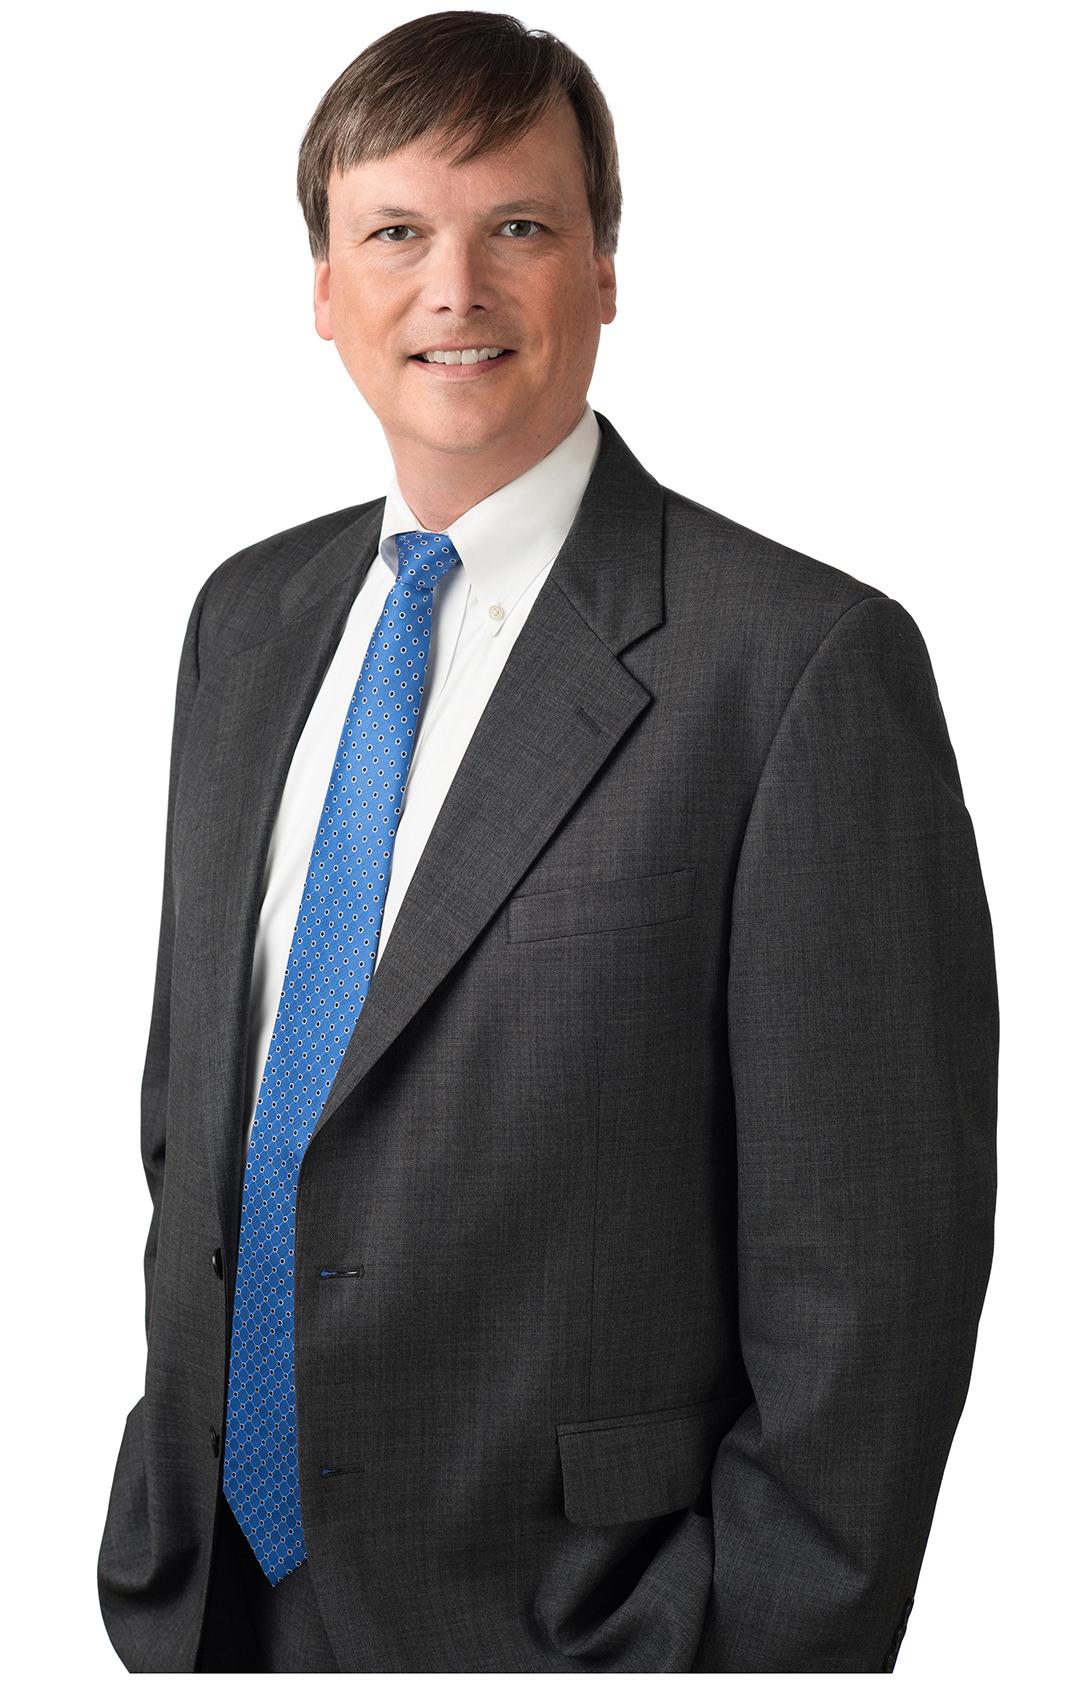 Lloyd G. Farr